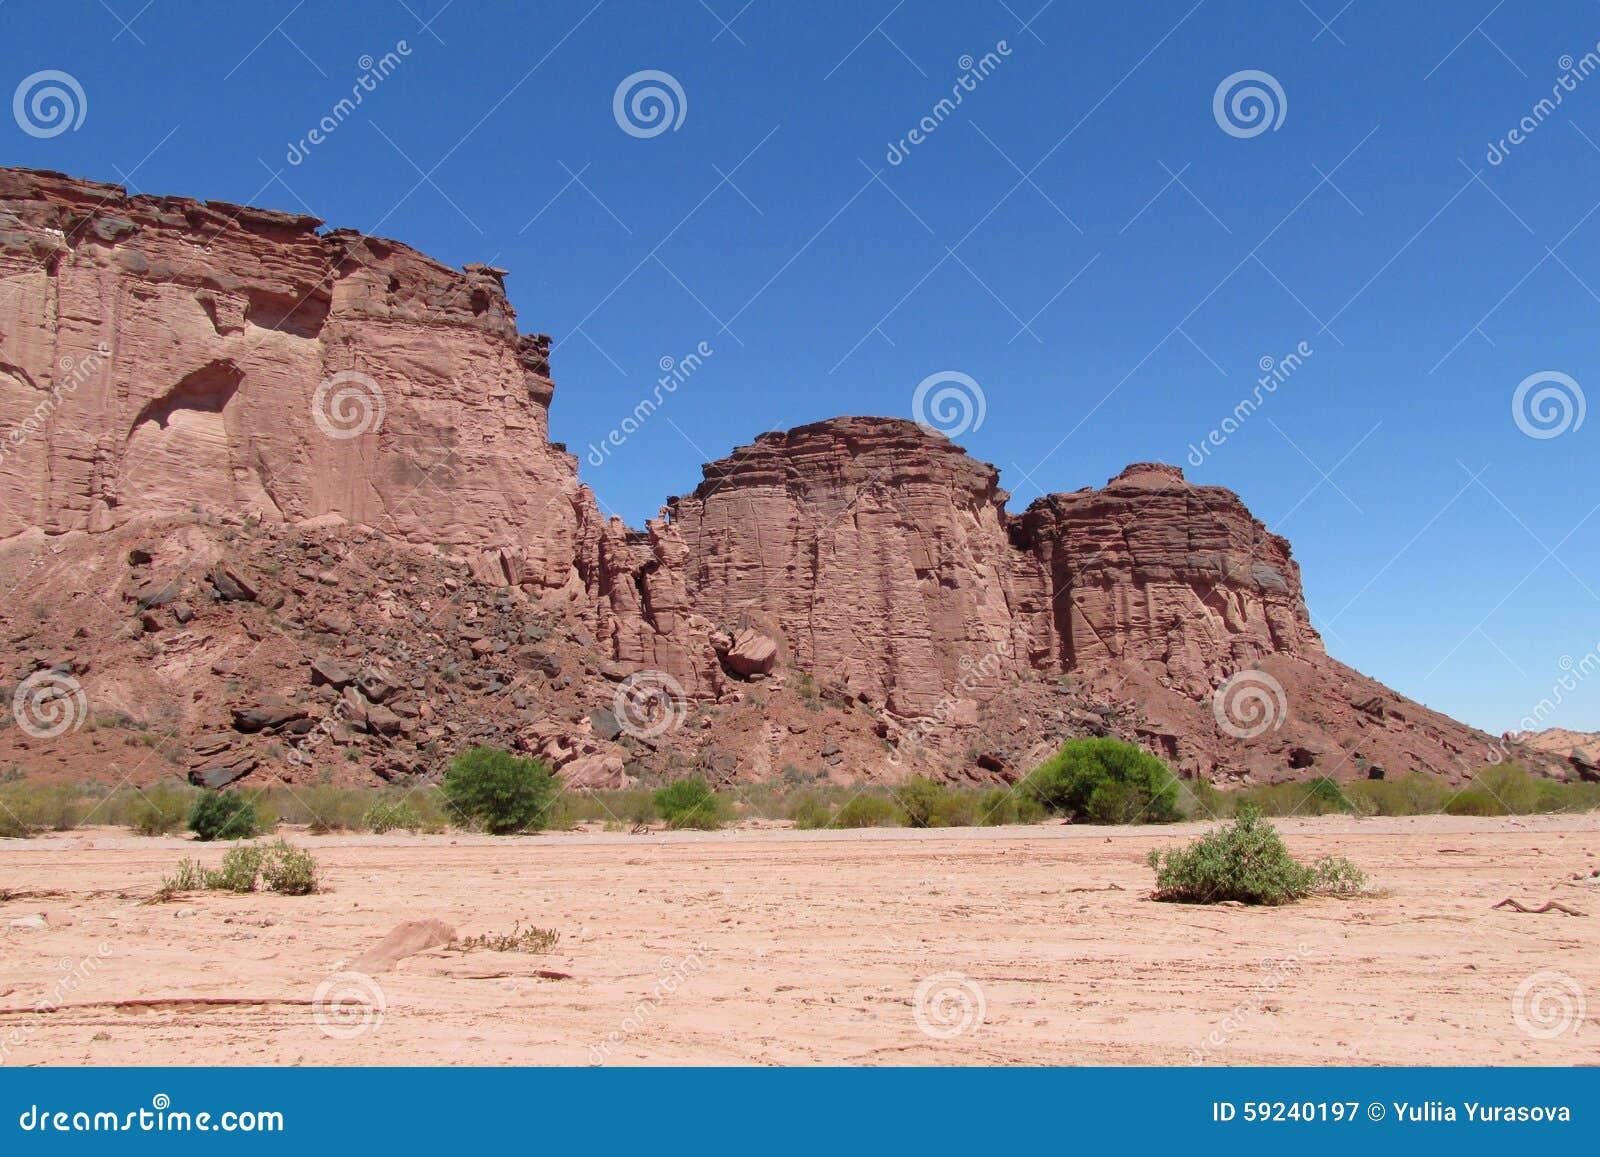 Download Parque Nacional Talampaya Del Barranco Imagen de archivo - Imagen de argentina, desierto: 59240197